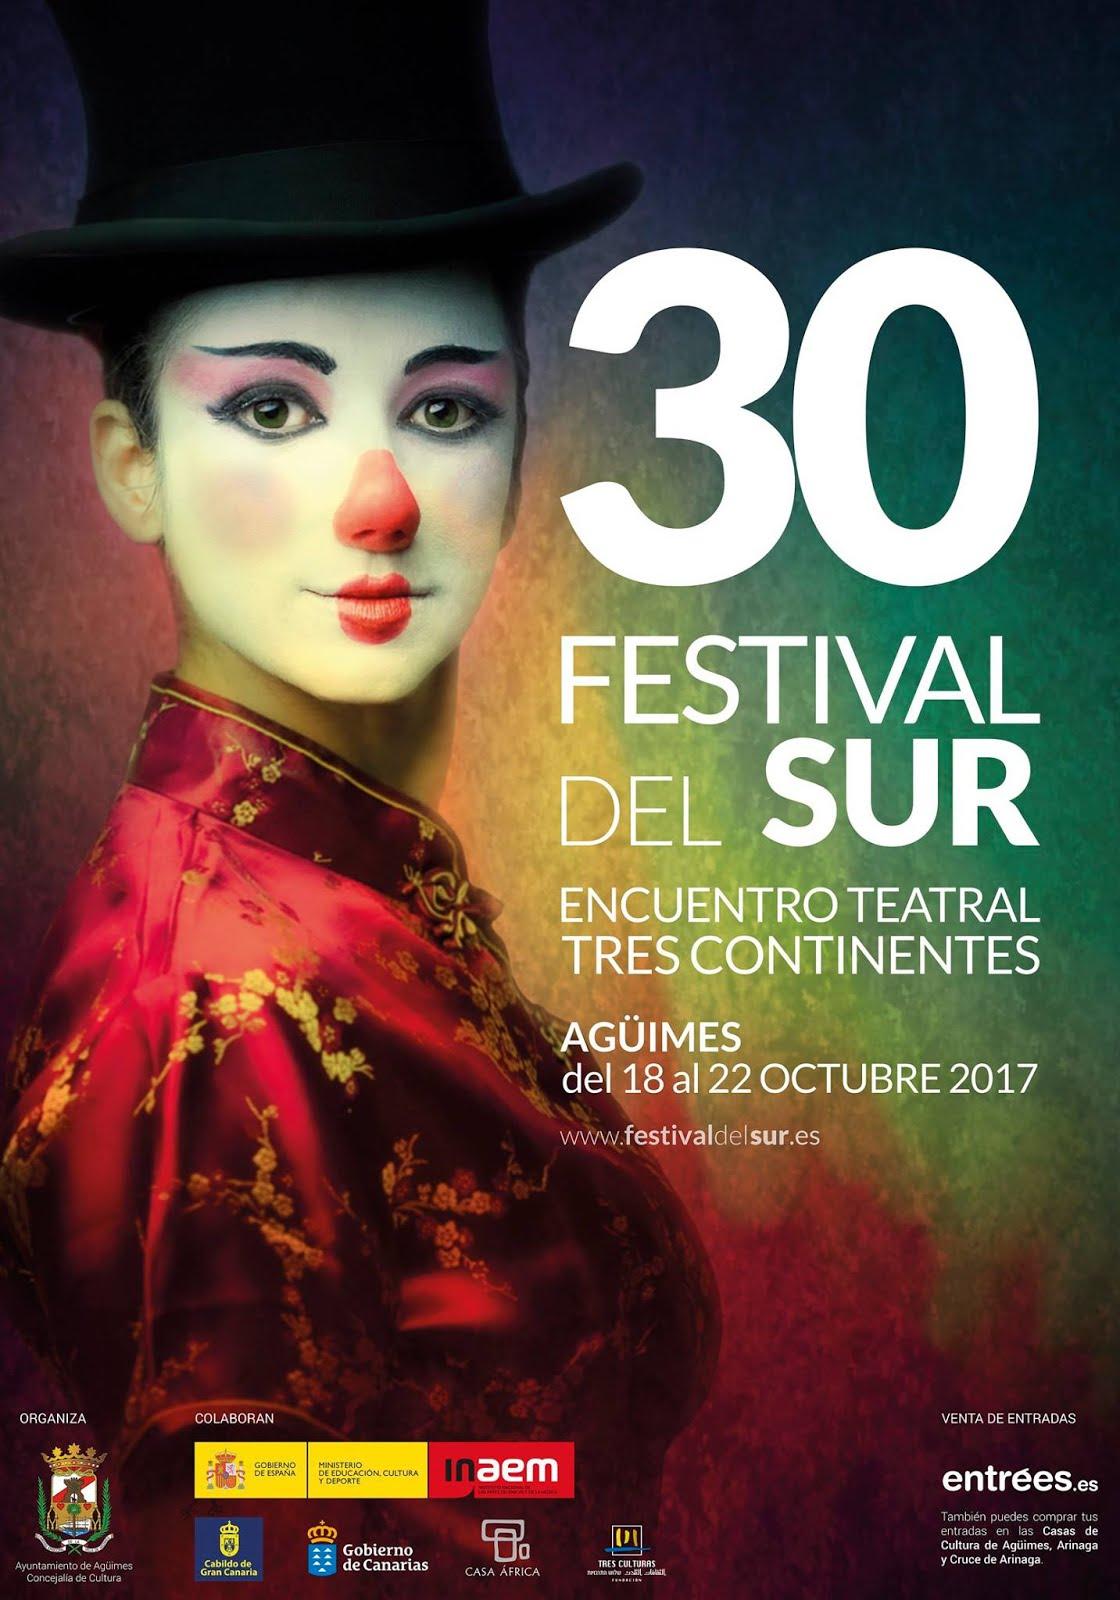 30 Festival del Sur - Encuentro Teatral Tres Continentes